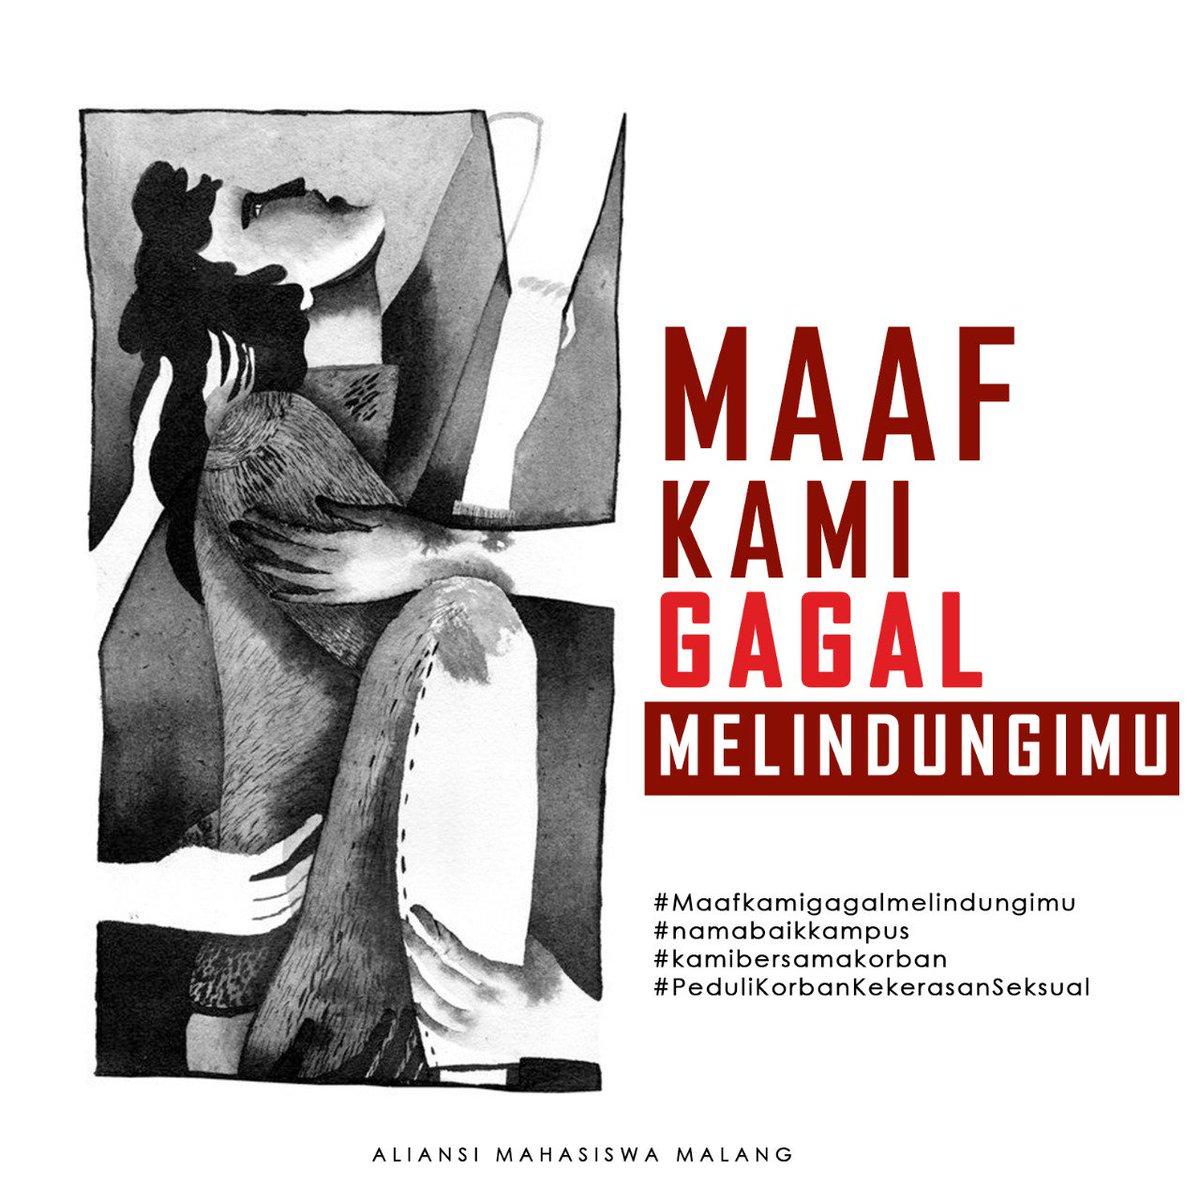 Untuk semua korban kekerasan seksual di UIN Maulana Malik Ibrahim Malang: